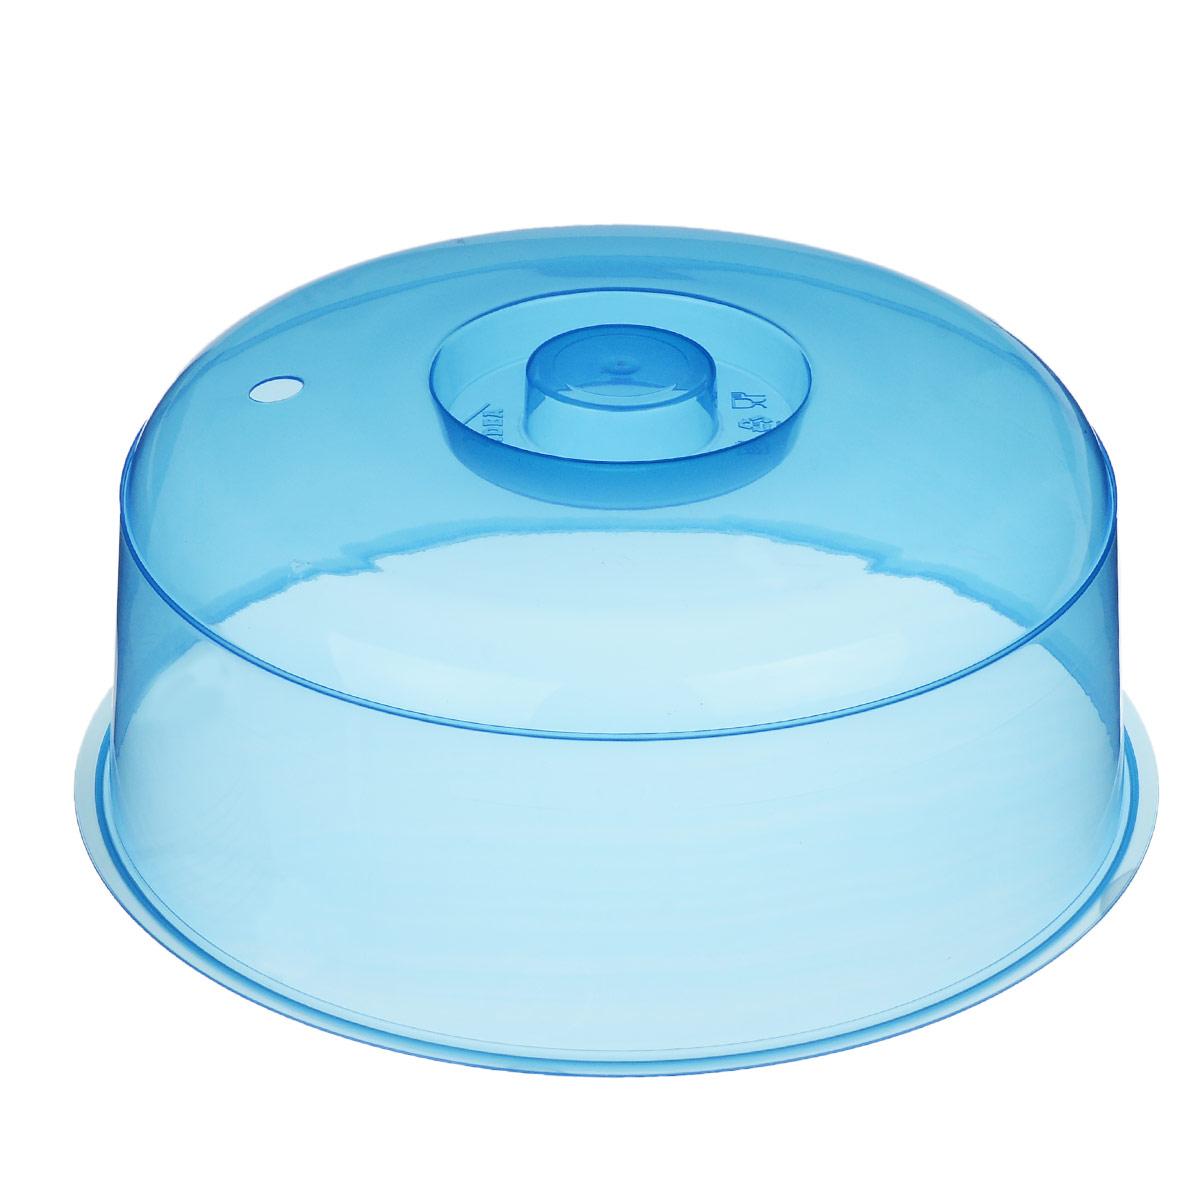 Крышка для микроволновой печи Idea, цвет: синий, диаметр 24,5 смМ 1415Крышка для микроволновой печи Idea изготовлена из высококачественного прозрачного полипропилена. Изделие предназначено для разогрева пищевых продуктов в микроволновой печи. Просто накройте блюдо крышкой и поставьте в микроволновую печь. Пища разогреется быстрее, а внутренние стенки печи останутся чистыми.